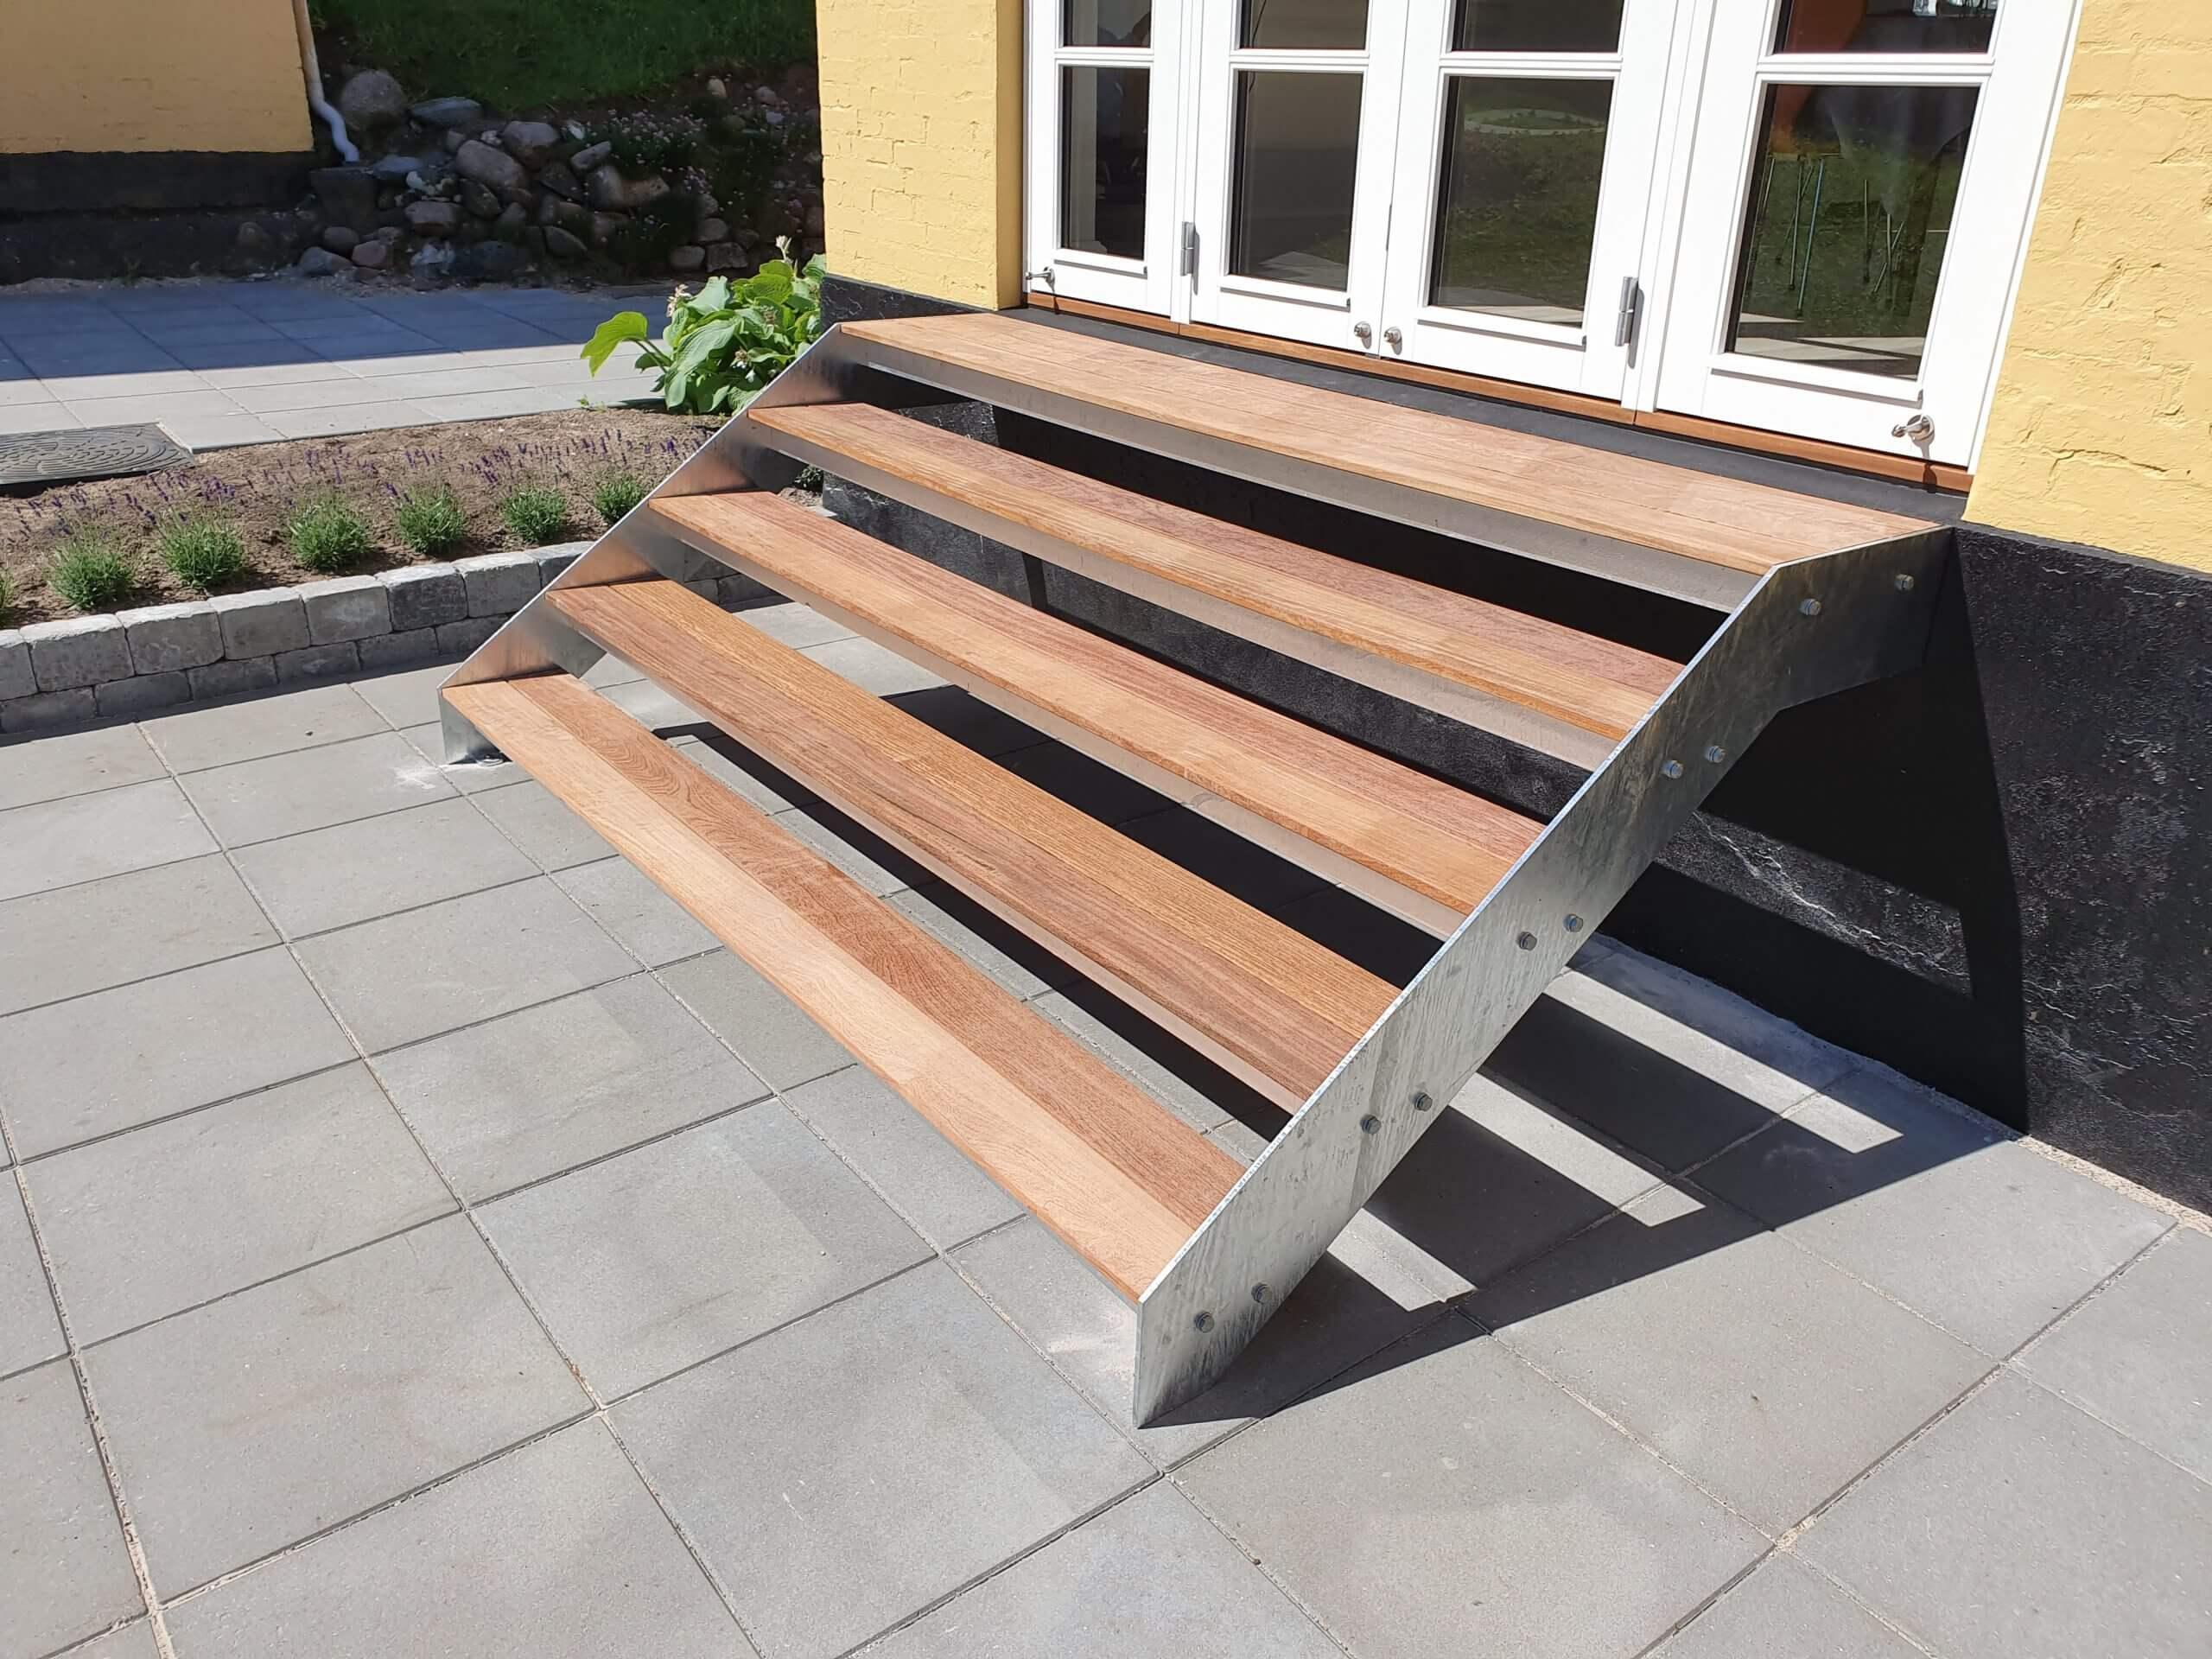 Kom sikkert ud på din terrasse i haven med denne terrassetrappe